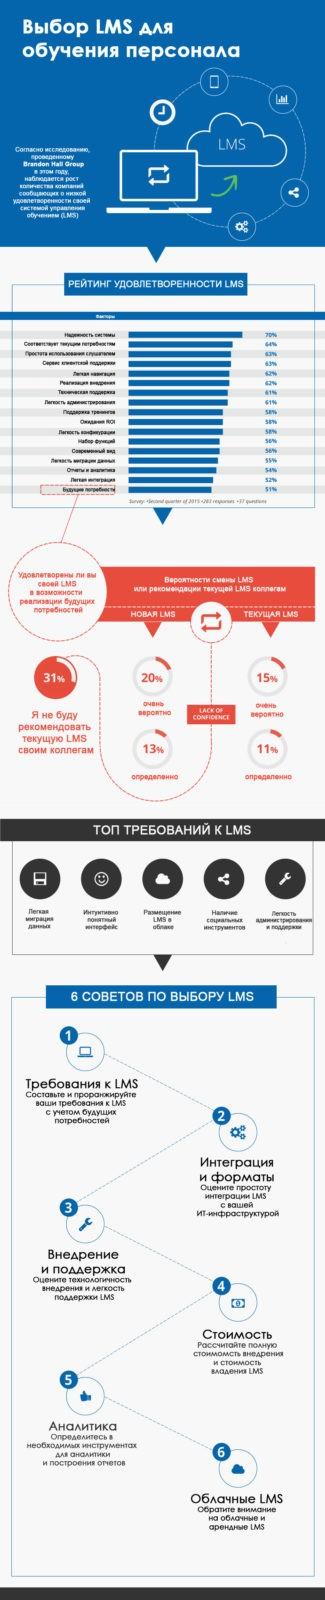 Выбор LMS: проектный подход. Инфографика